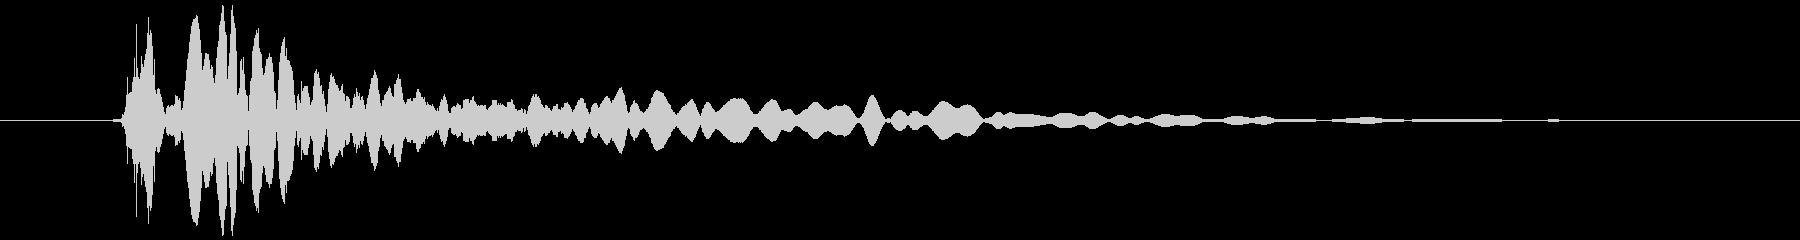 壁ドン(恋愛など)ダンッ の未再生の波形